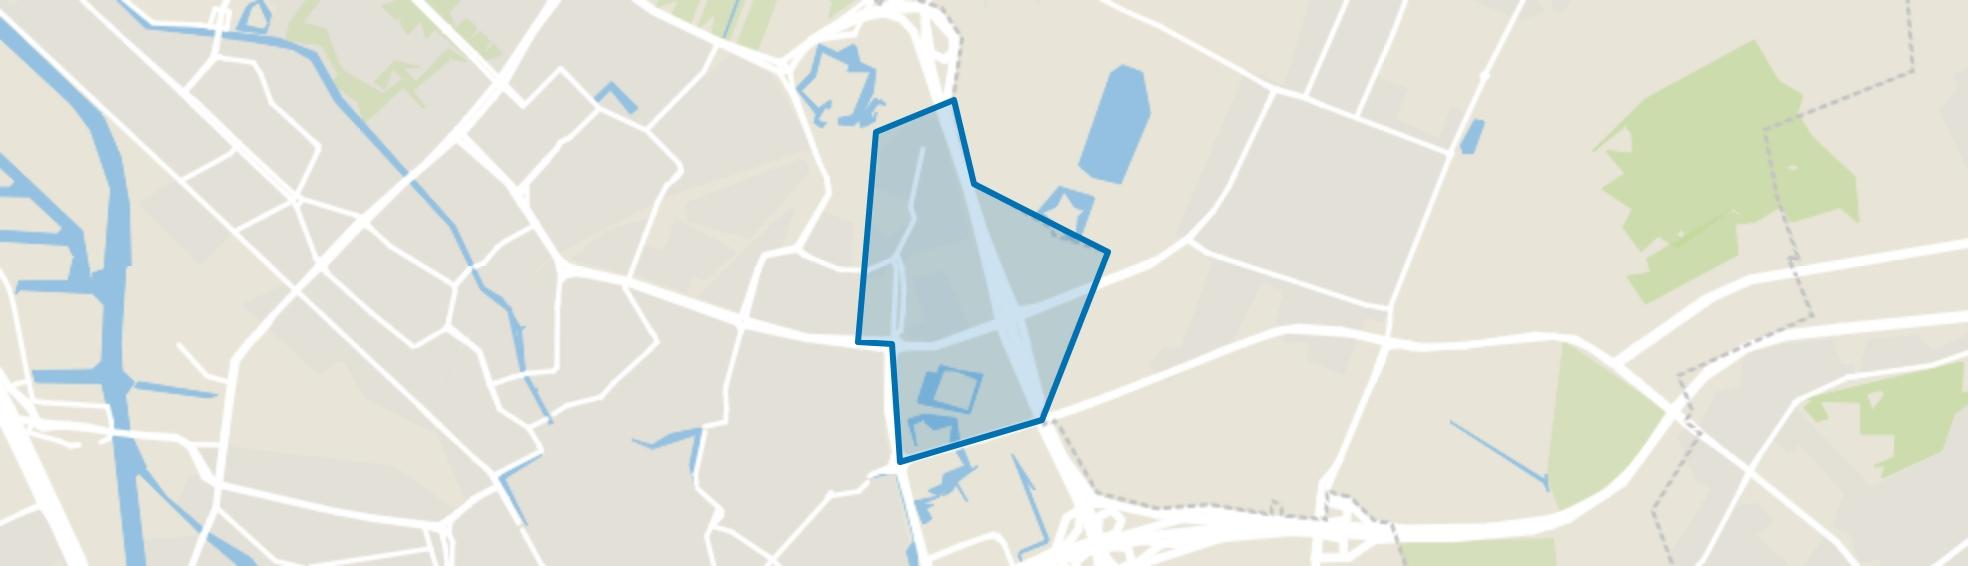 Voordorp en Voorveldsepolder, Utrecht map